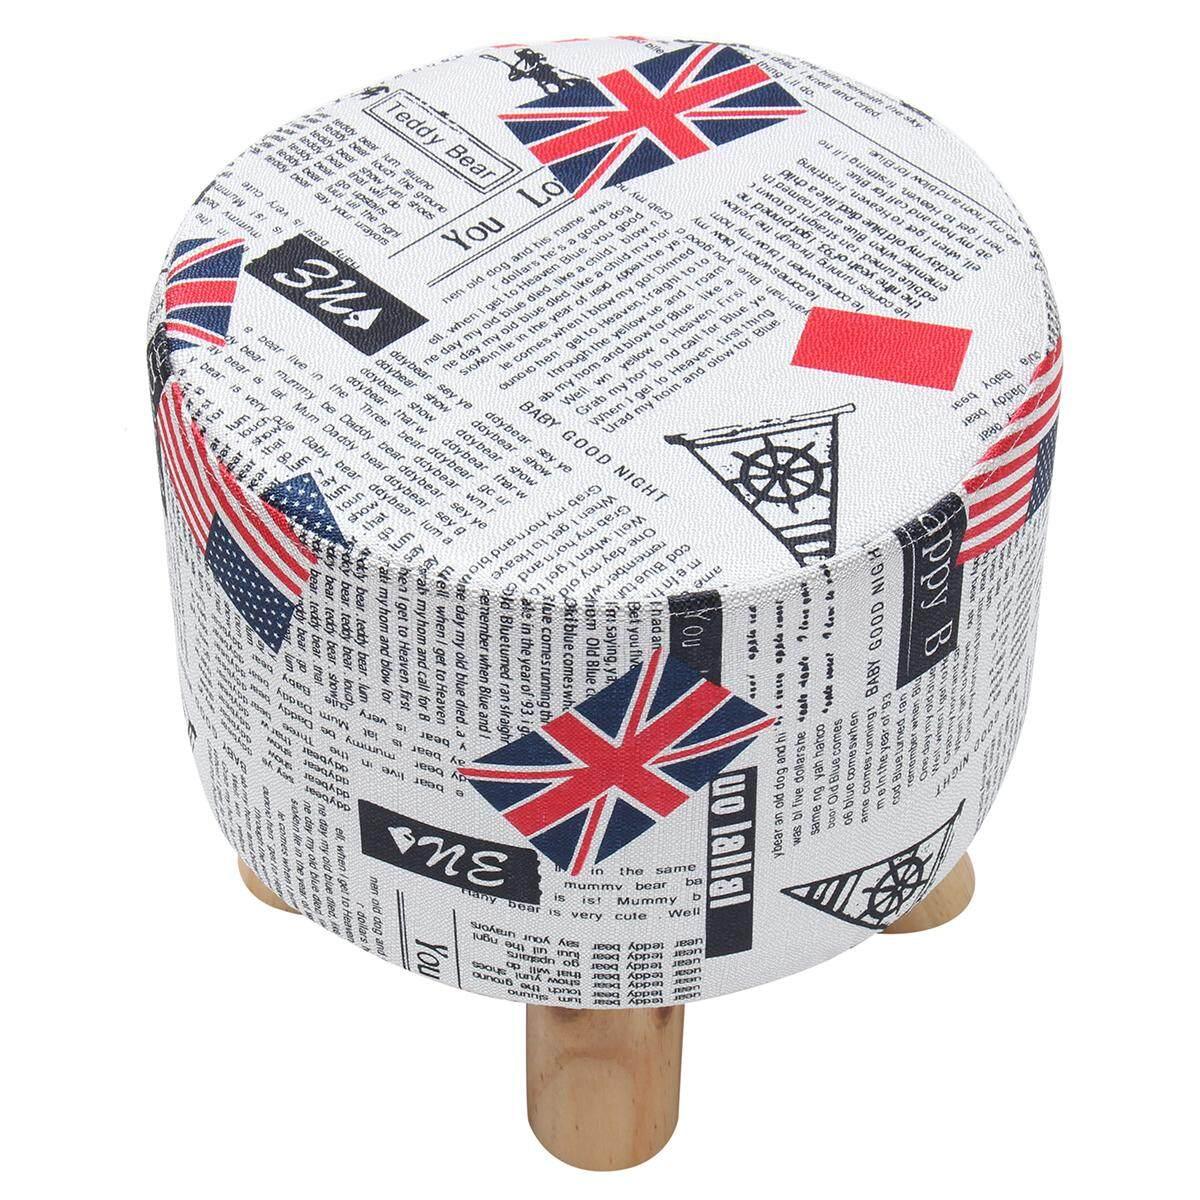 Bulat Pine Bangku Kaki Kayu Ottoman Pouffe Tinja Kain Sandaran Kaki Kursi Empuk # Inggris-Internasional